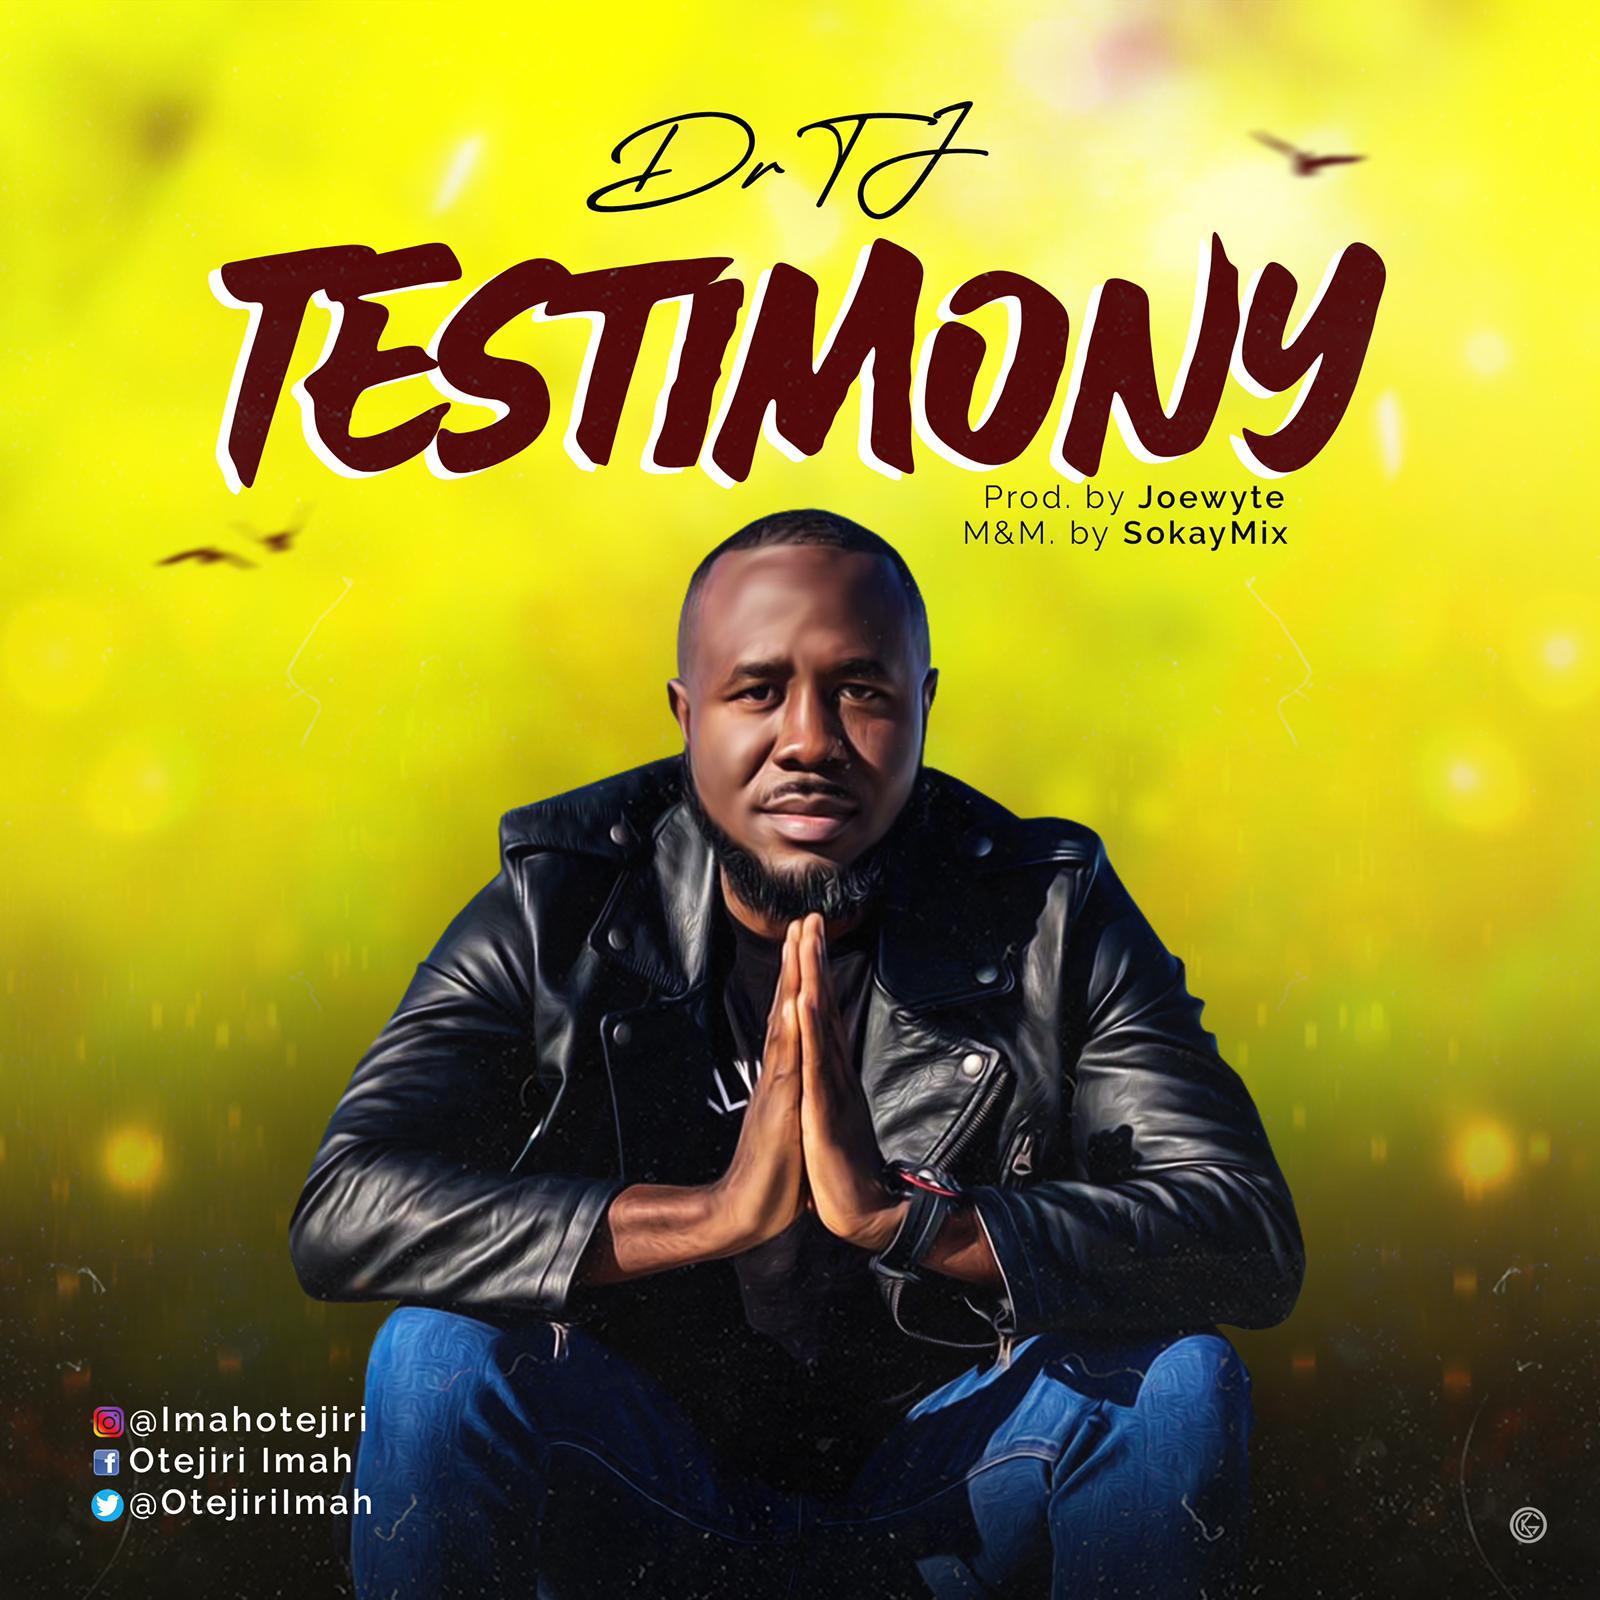 Dr TJ - Testimony